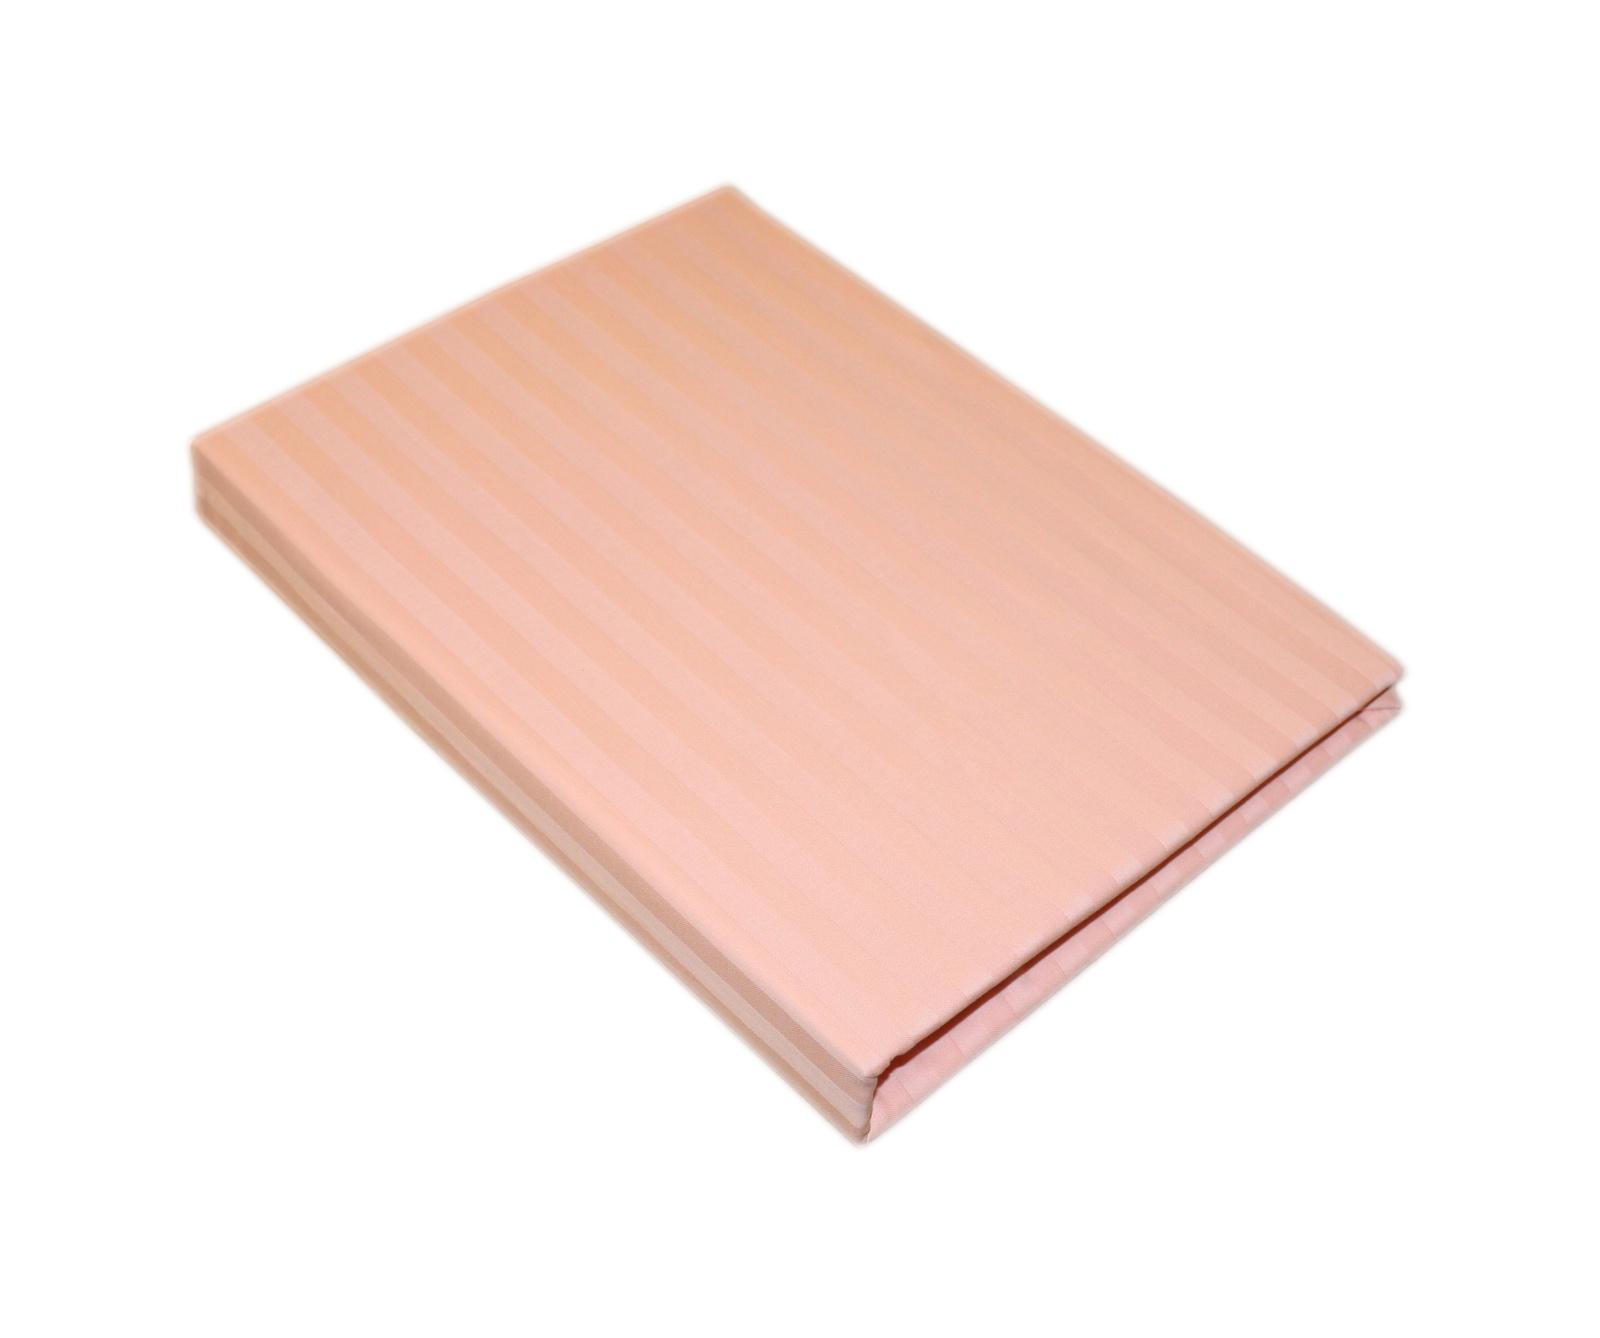 Простыня BegAl На резинке страйп сатин 140x200 светло-розовый